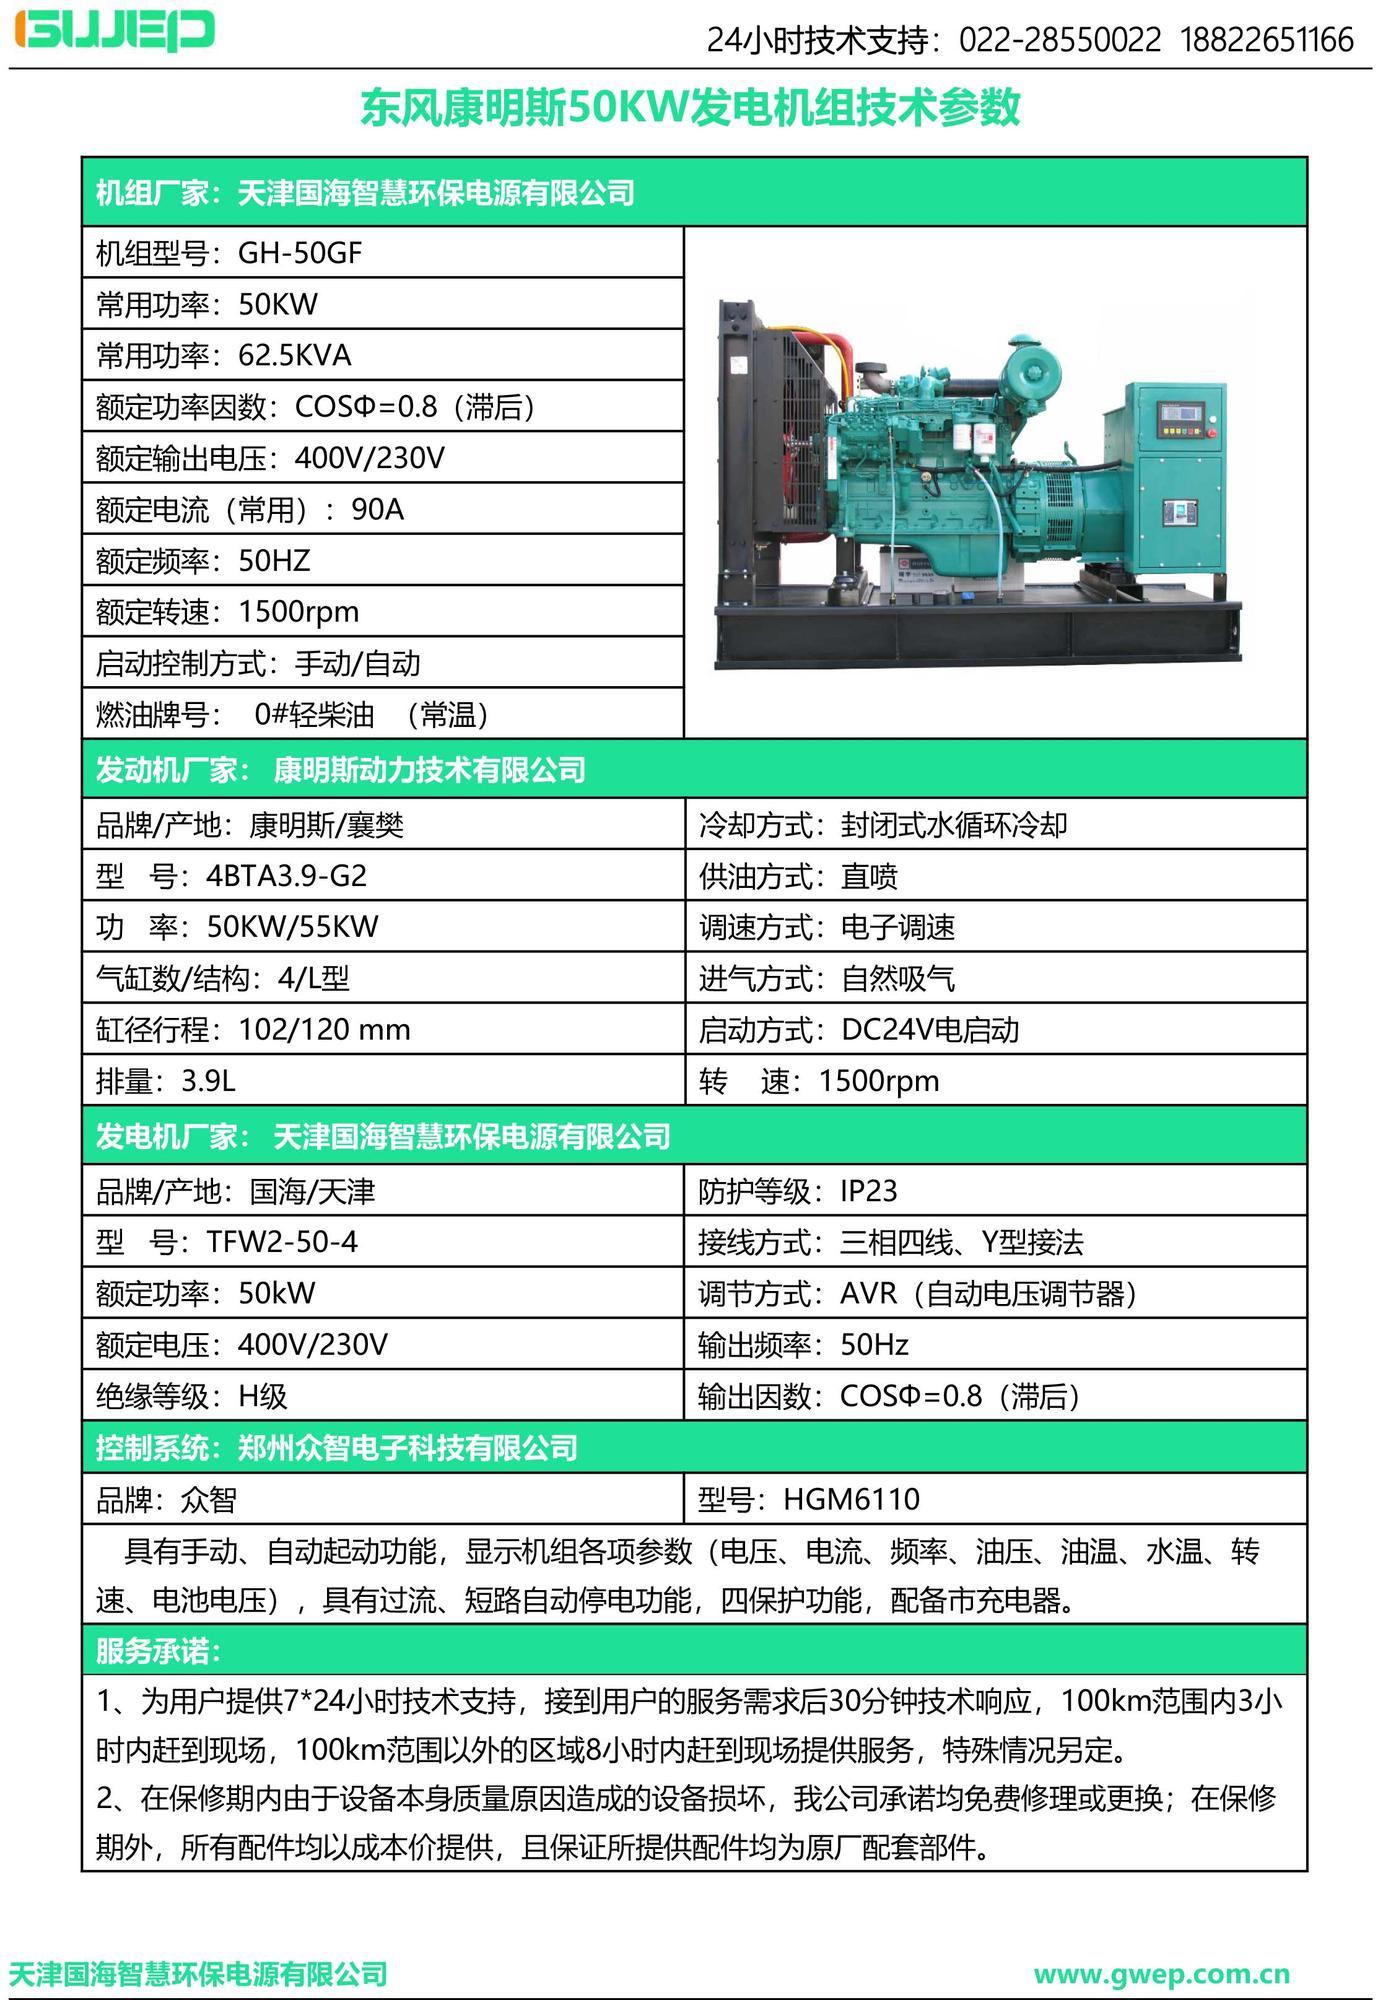 康明斯50KW发电机组技术资料-2.jpg